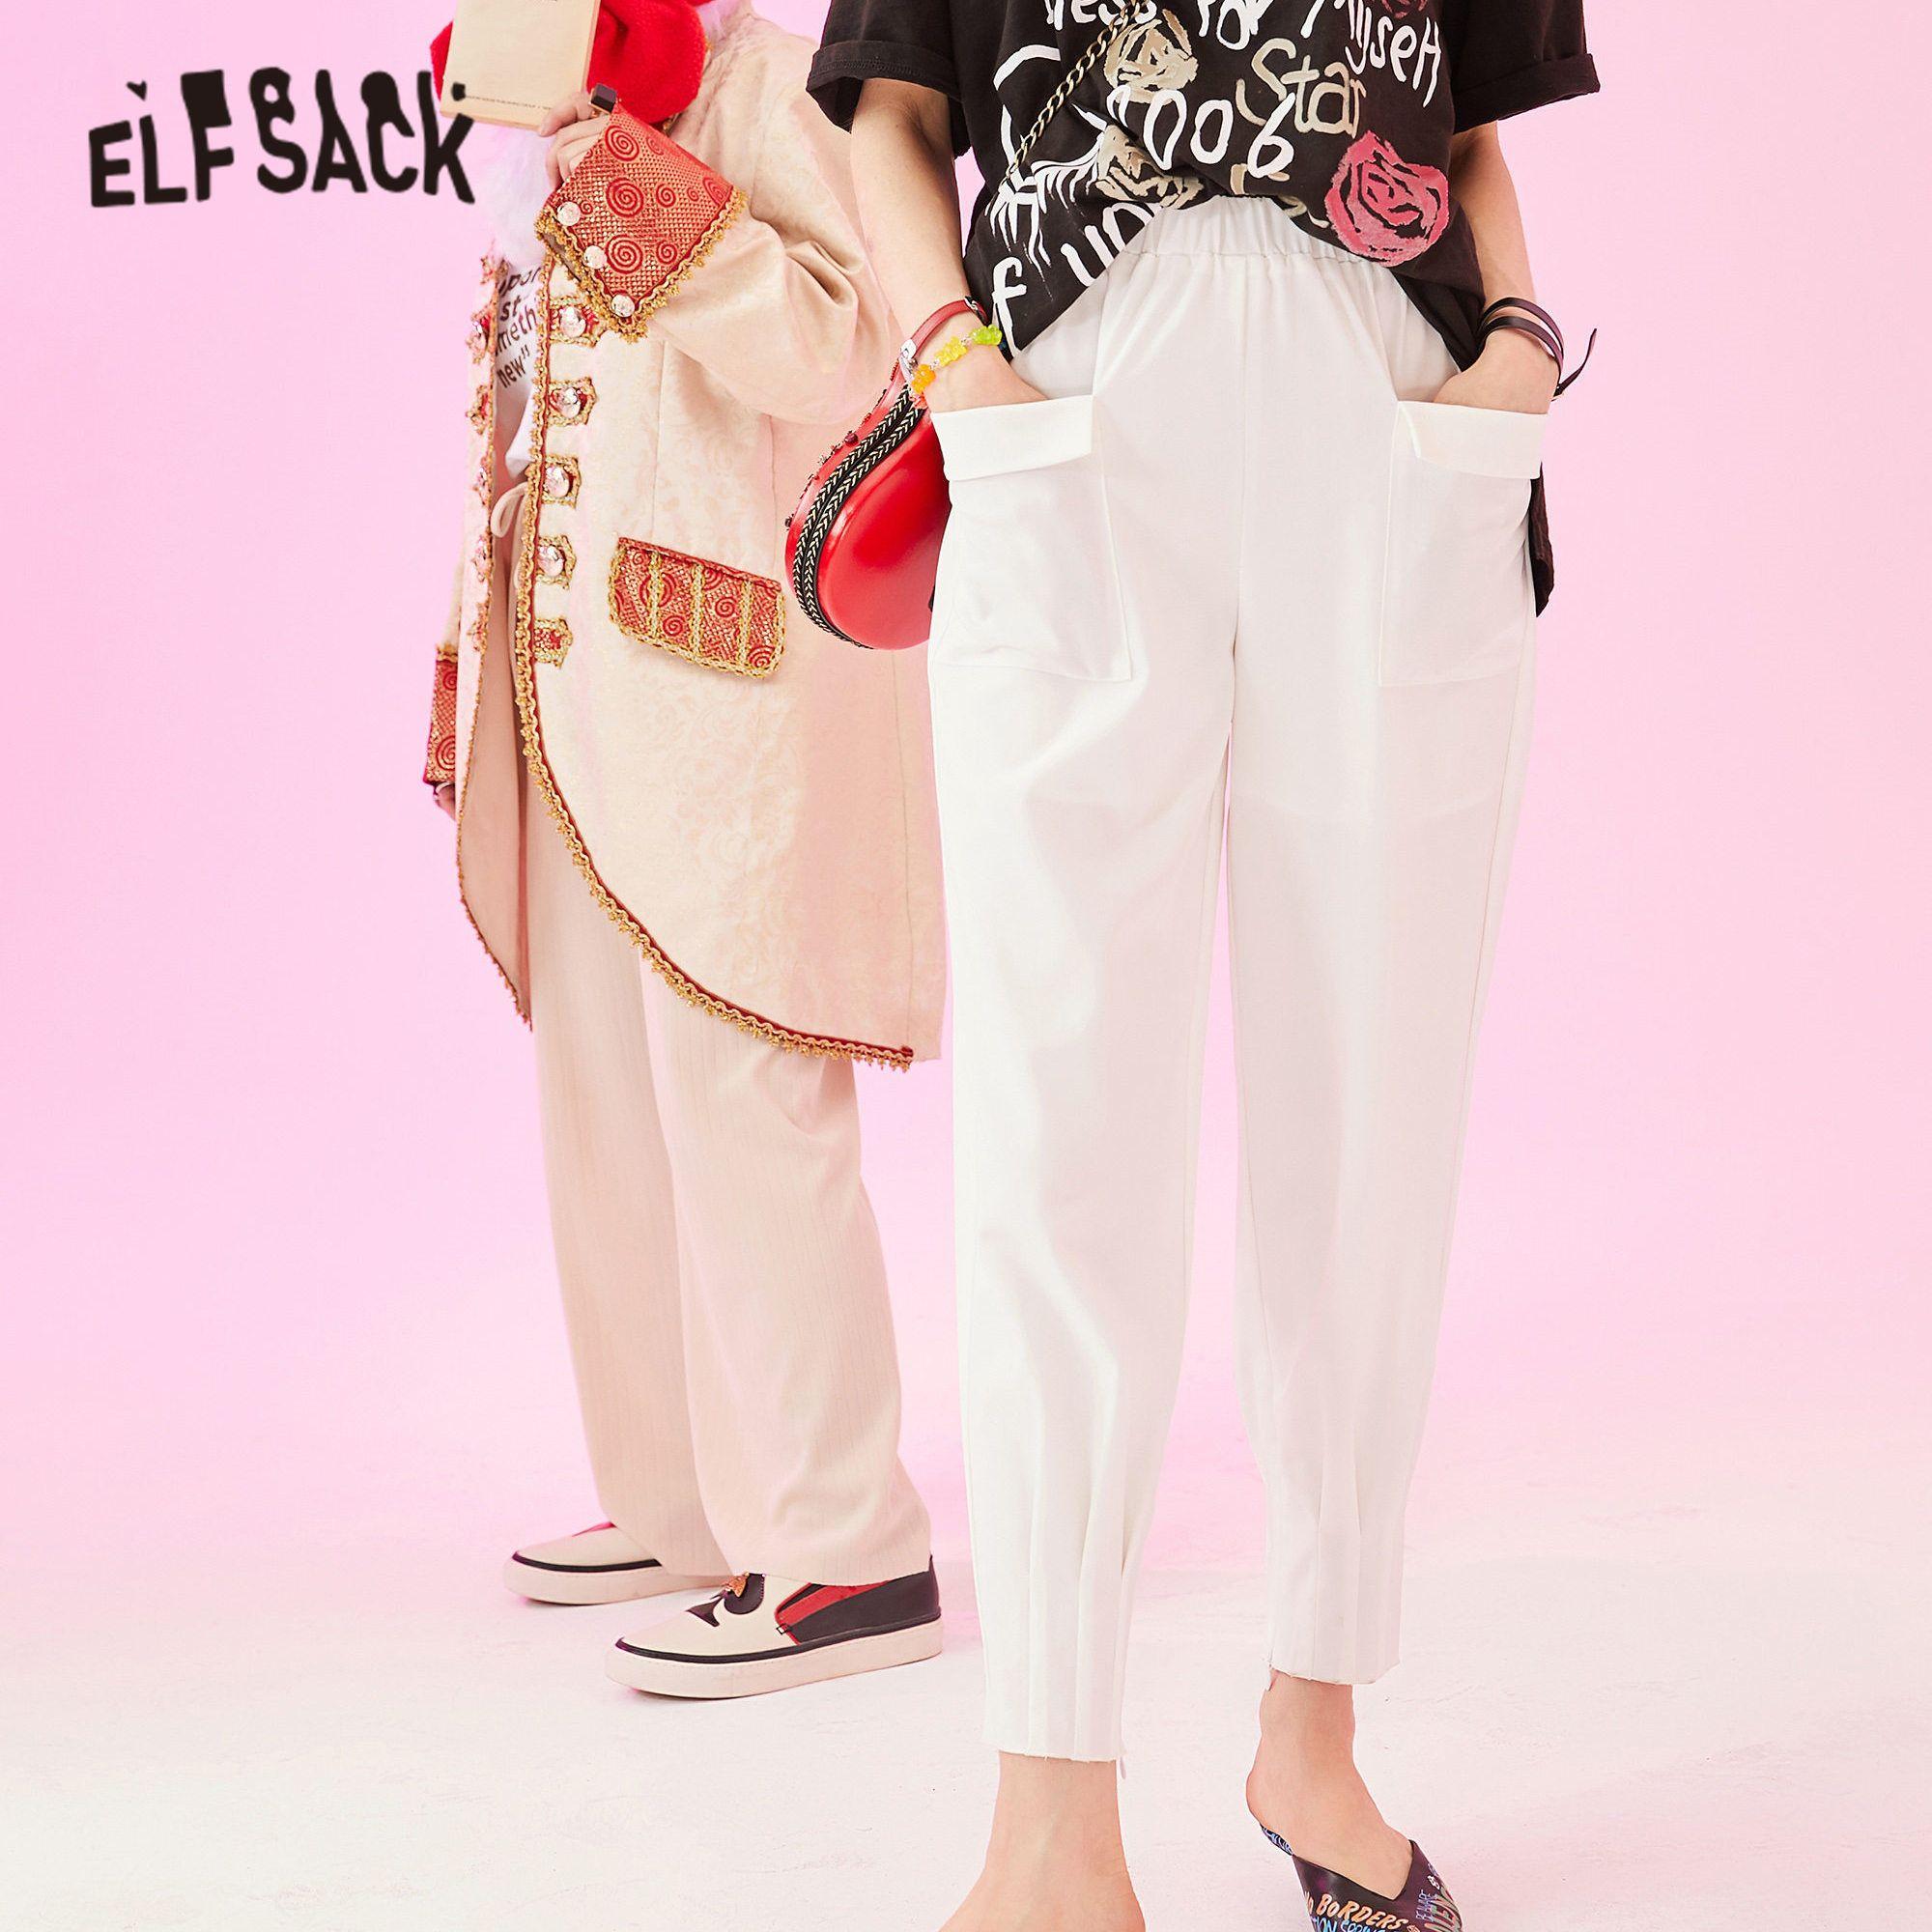 ELFSACK Verde Sólido minimalista soltas Harem Pants Casual Mulheres Spring Branco Elastic cintura reta Senhoras Calças básicas 201012